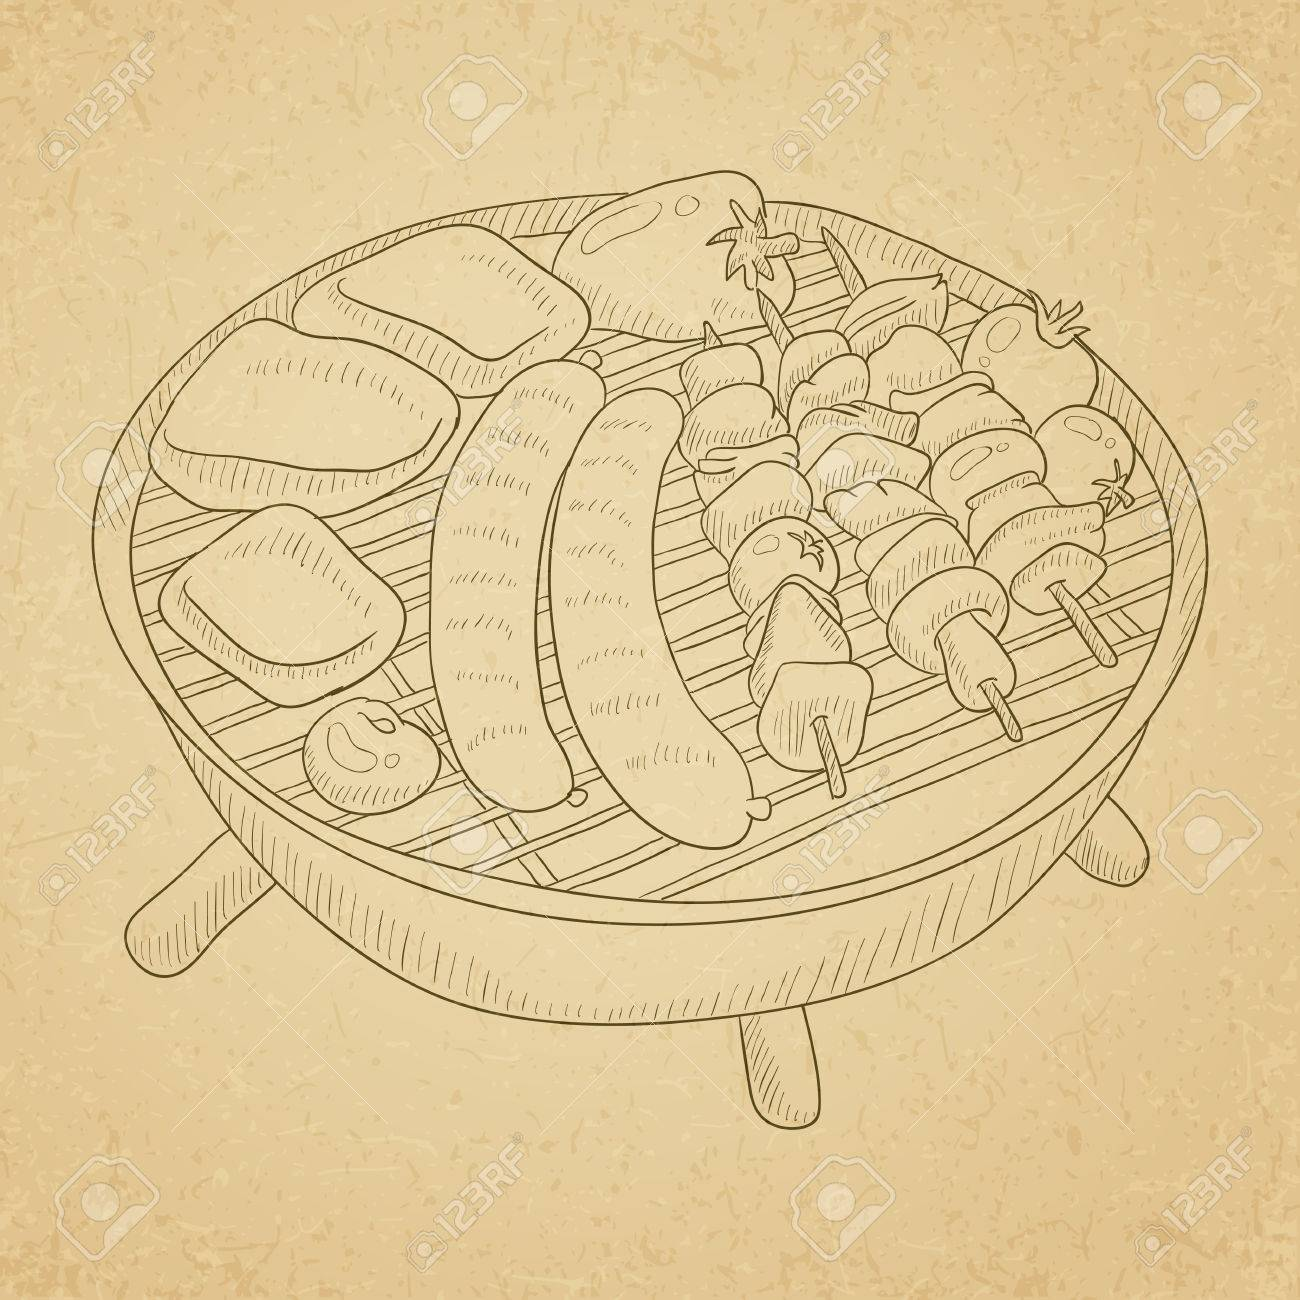 各種おいしい焼き肉バーベキュー グリッド上の野菜古い紙ヴィンテージ